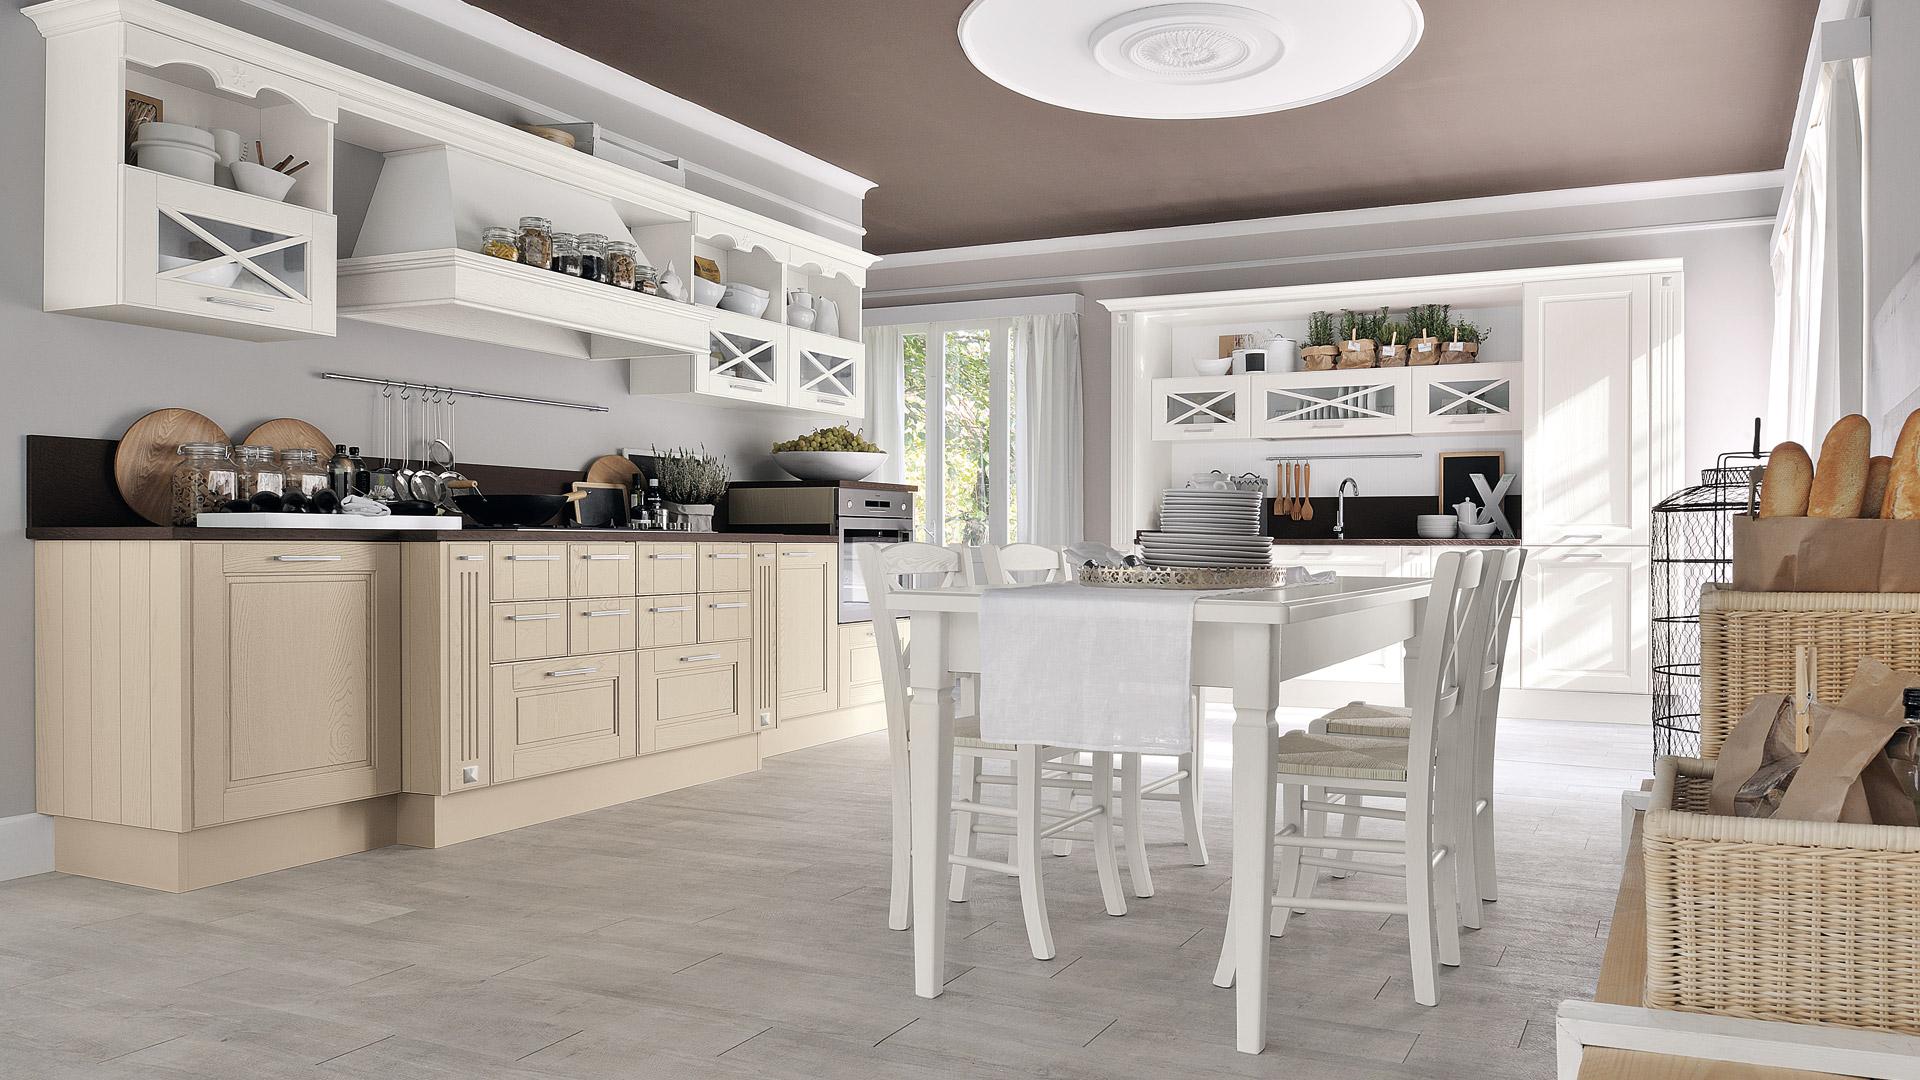 Cucina classica lube agnese arredamenti lupo - Cucina lube classica ...